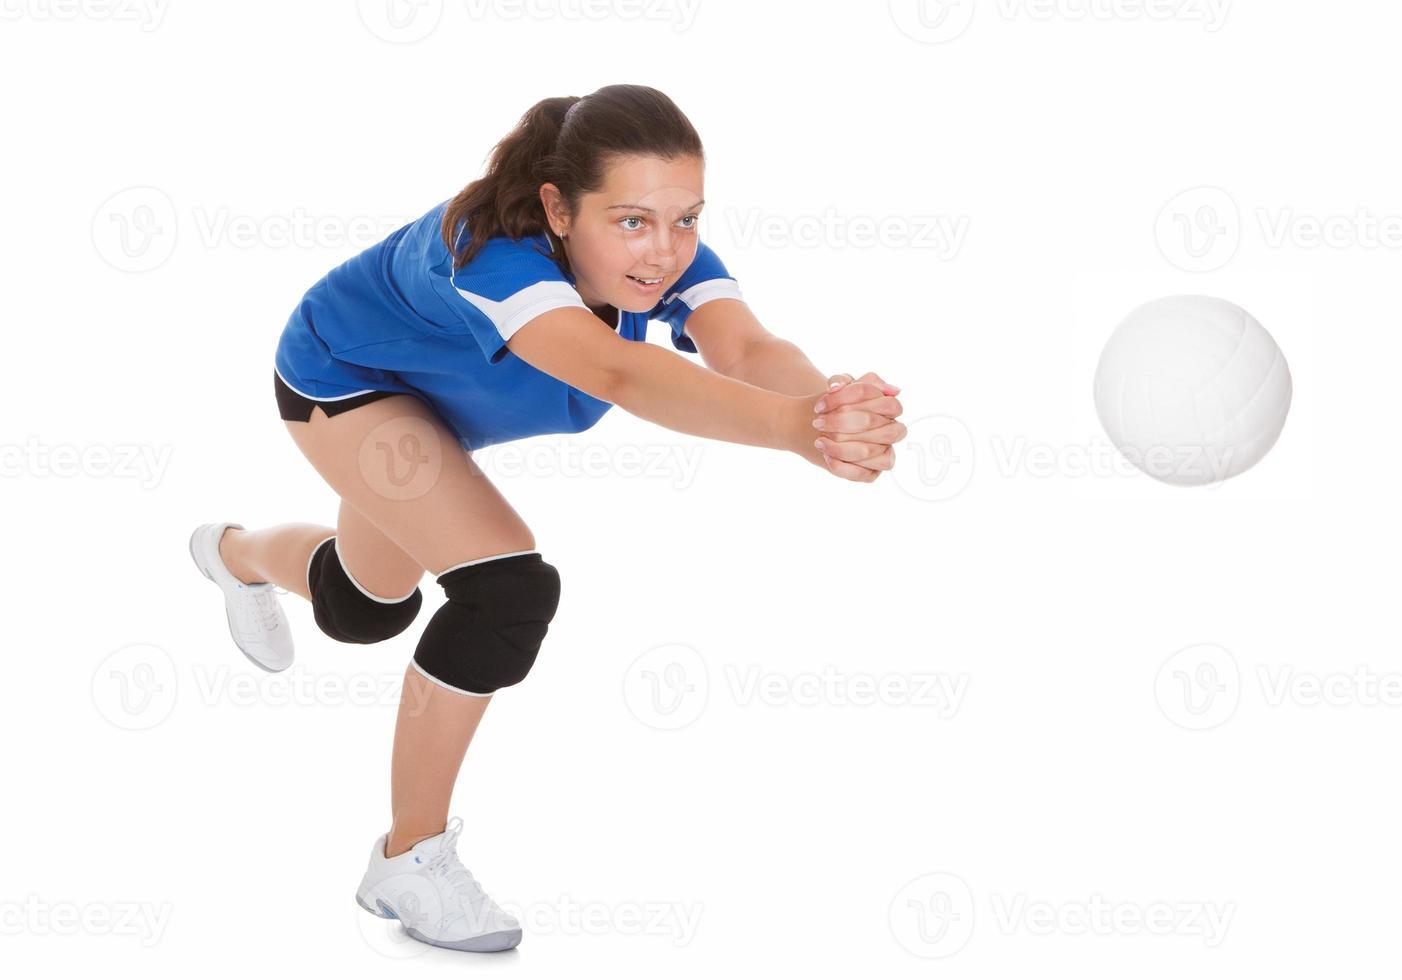 retrato de jogador de vôlei feminino foto